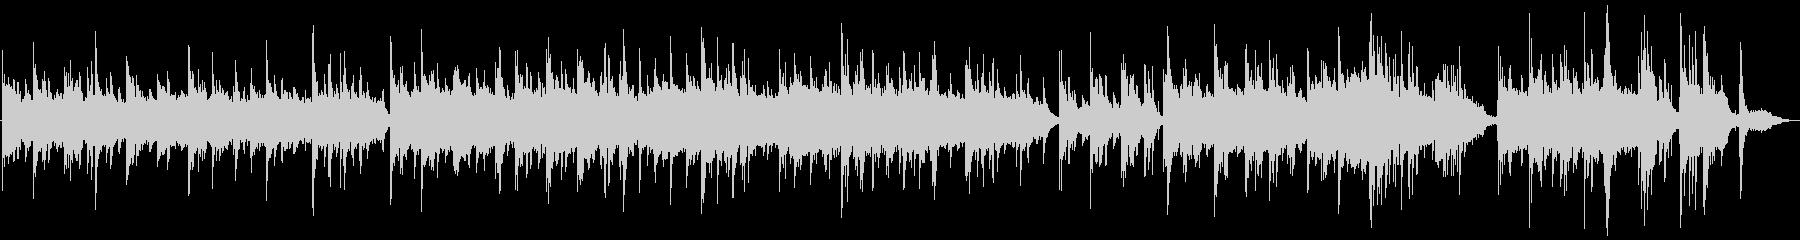 【秒で感動】しっとりピアノバラードの未再生の波形